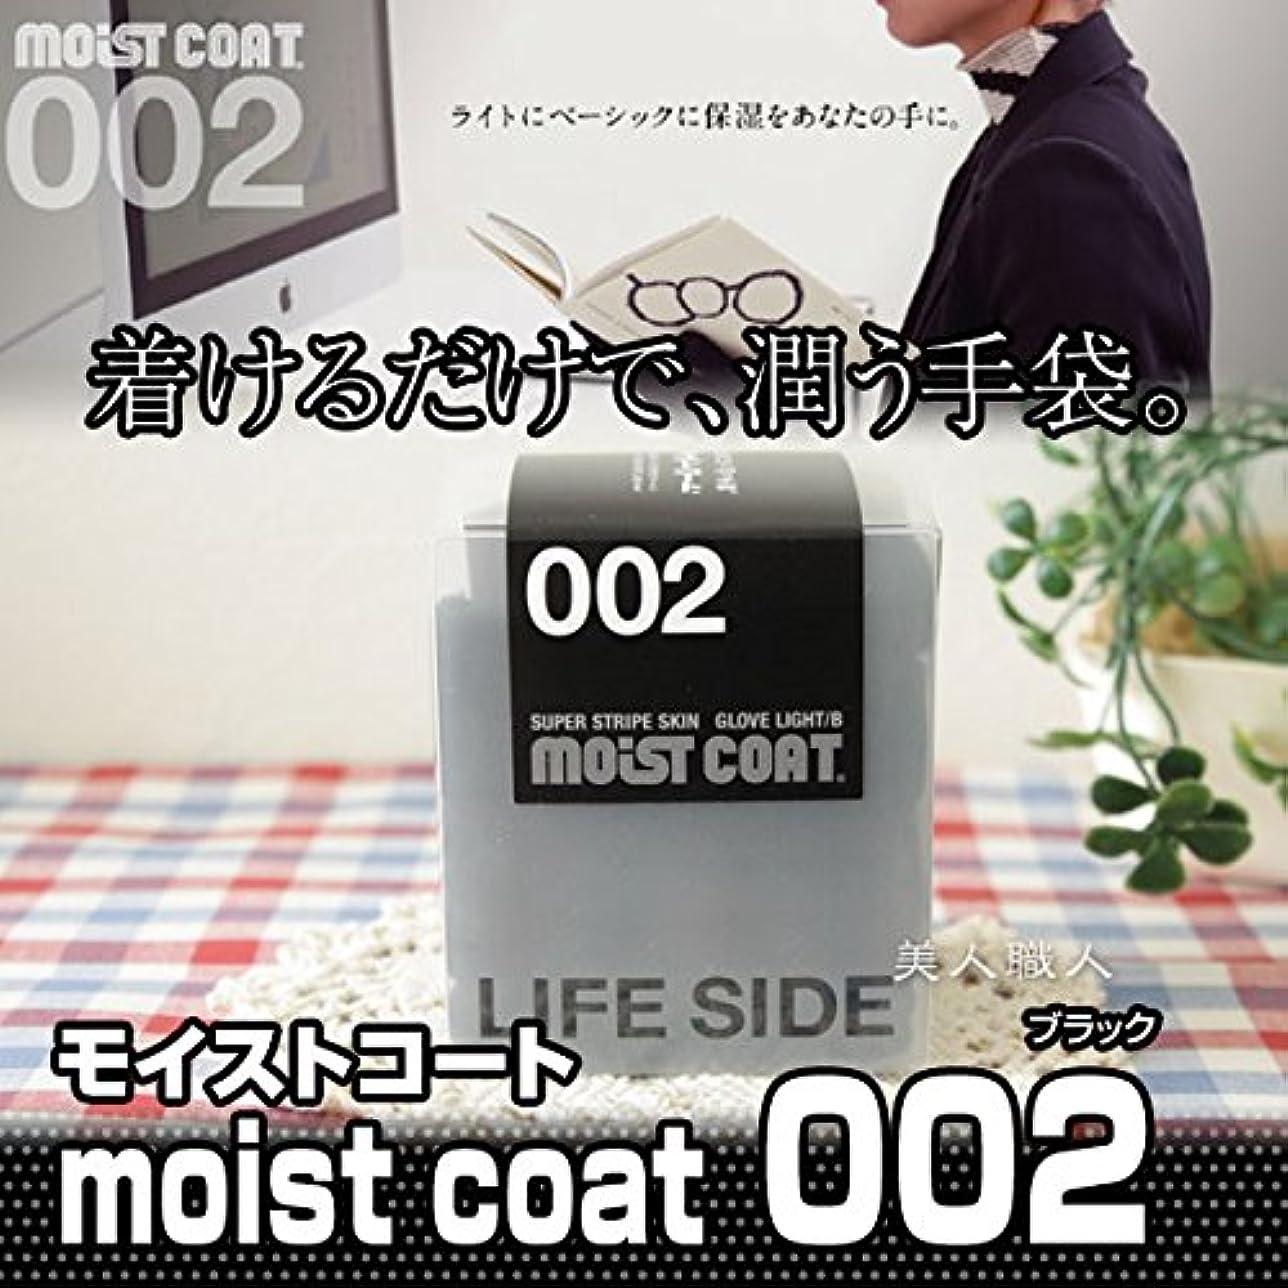 スナッチオートメーションキルトコラーゲン手袋 モイストコート002 ブラック